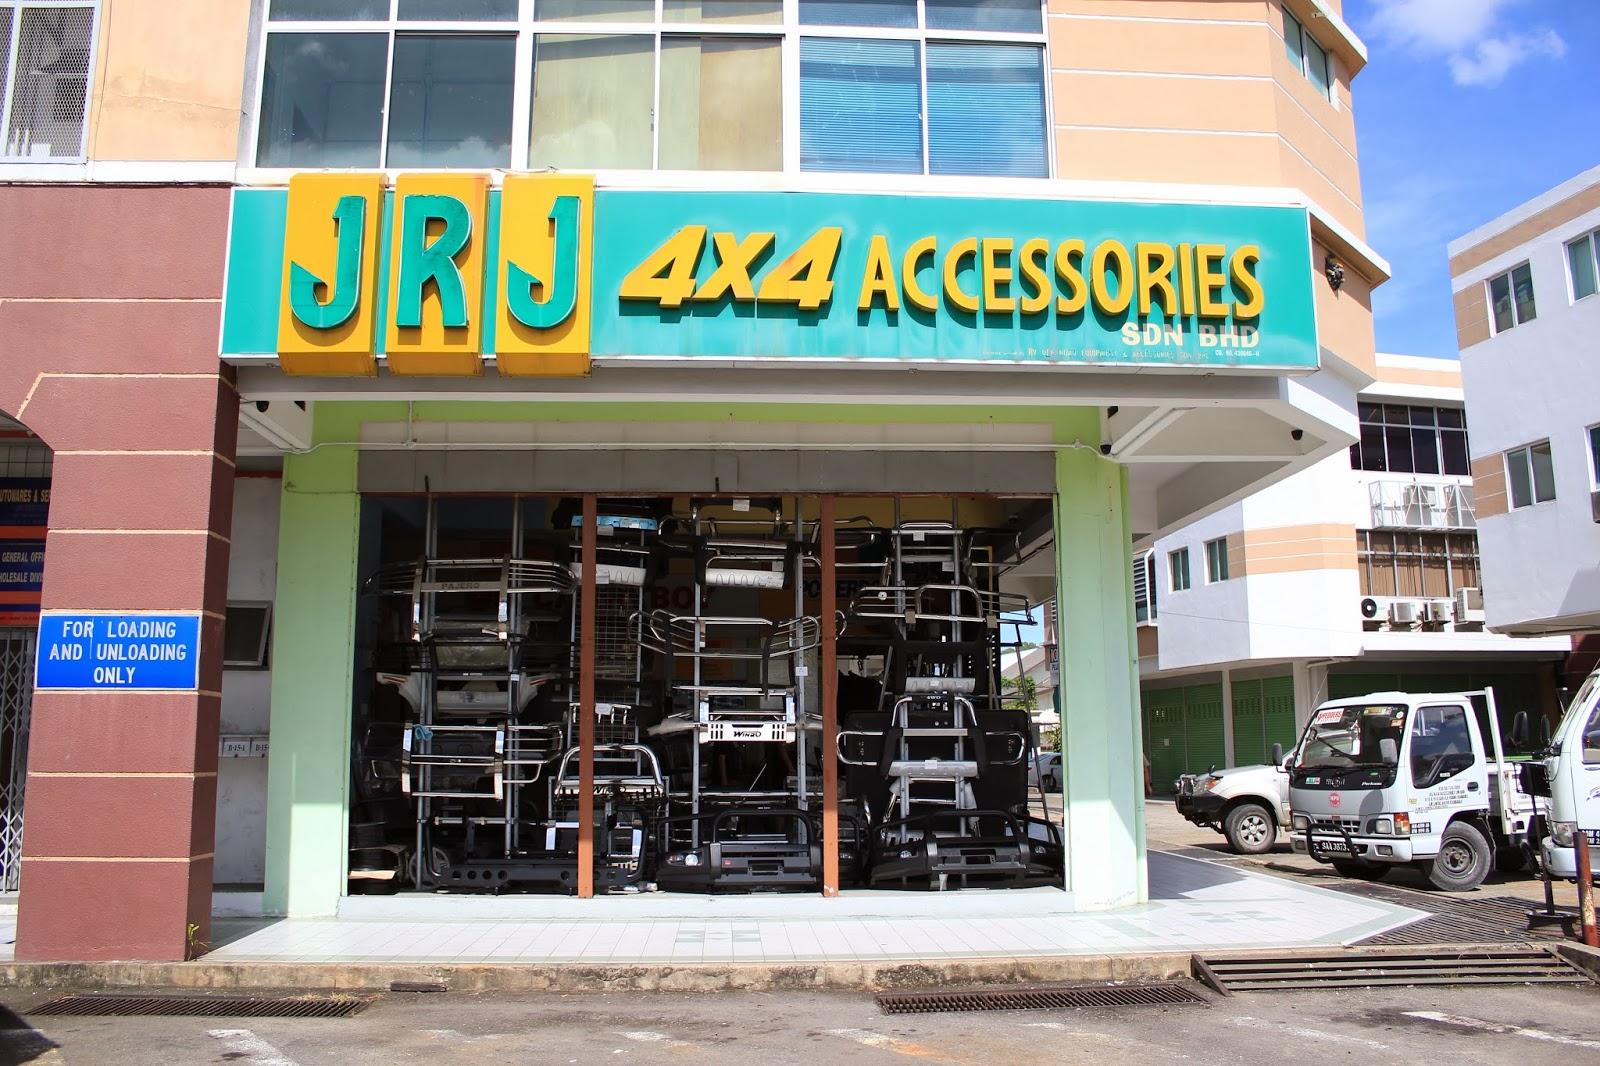 Jrj 4x4 accessories sdn bhd